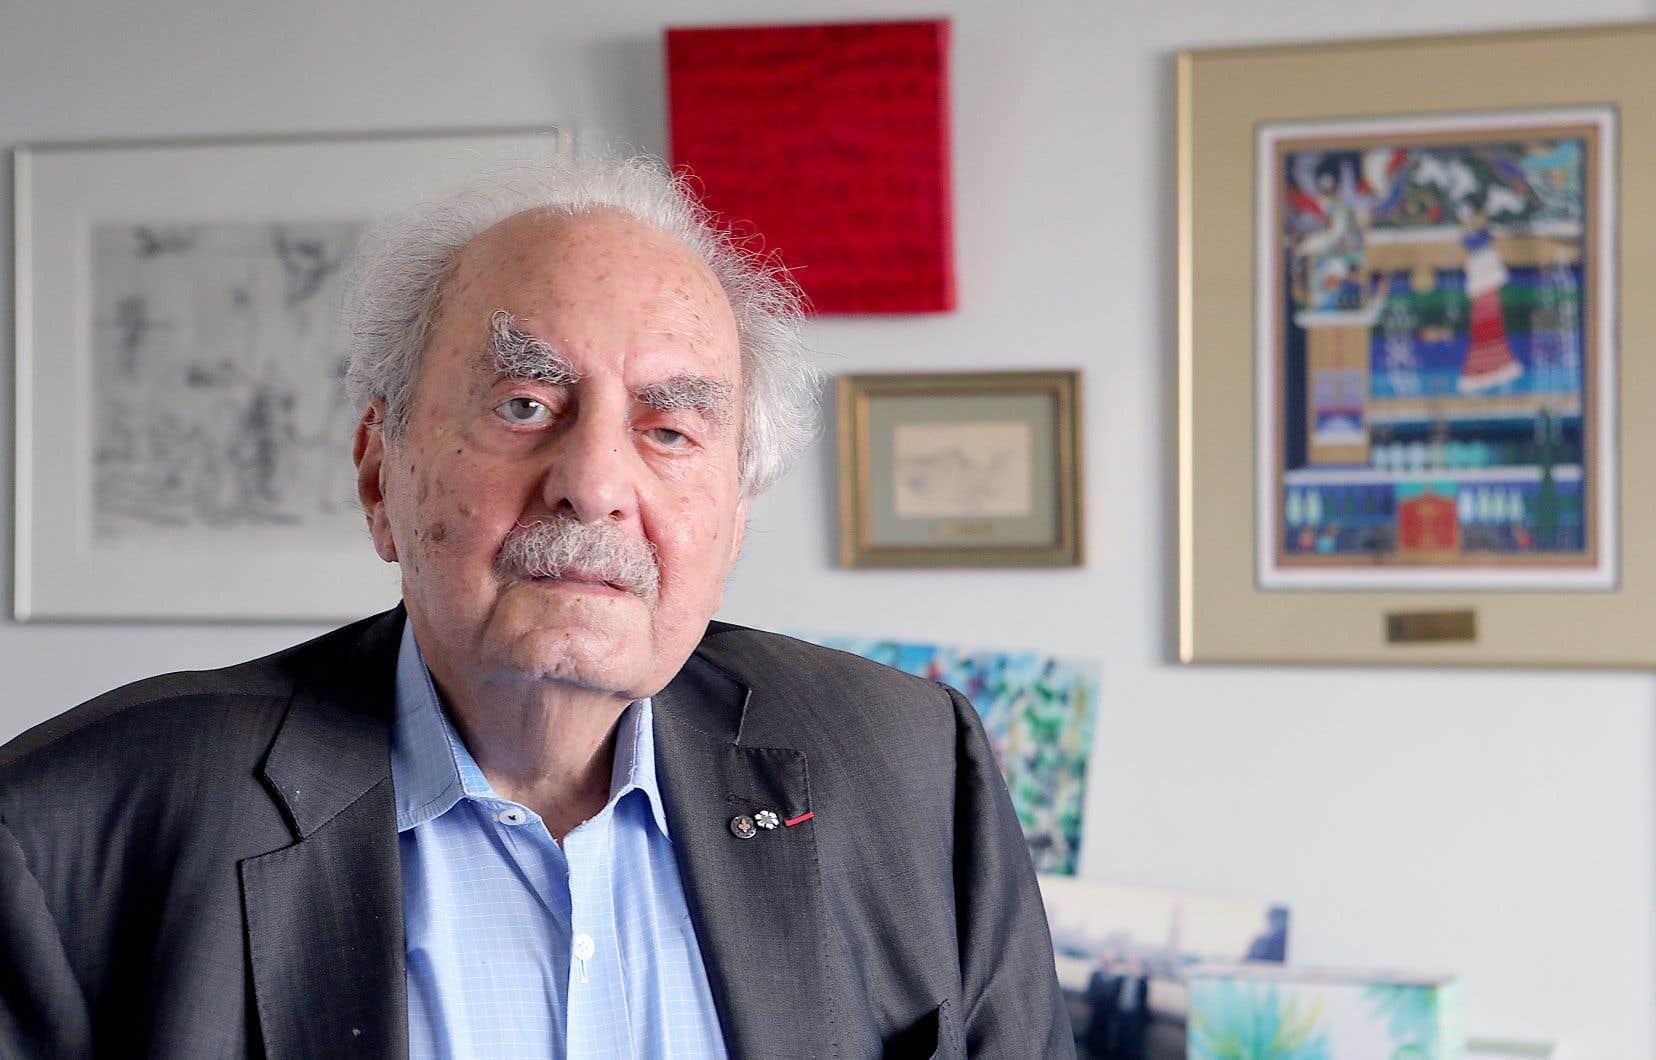 «Naïm Kattan avait traversé les continents et avait su percevoir, à un moment clé de l'histoire, que la société québécoise était promise à des avancées déterminantes», écrit l'auteur.